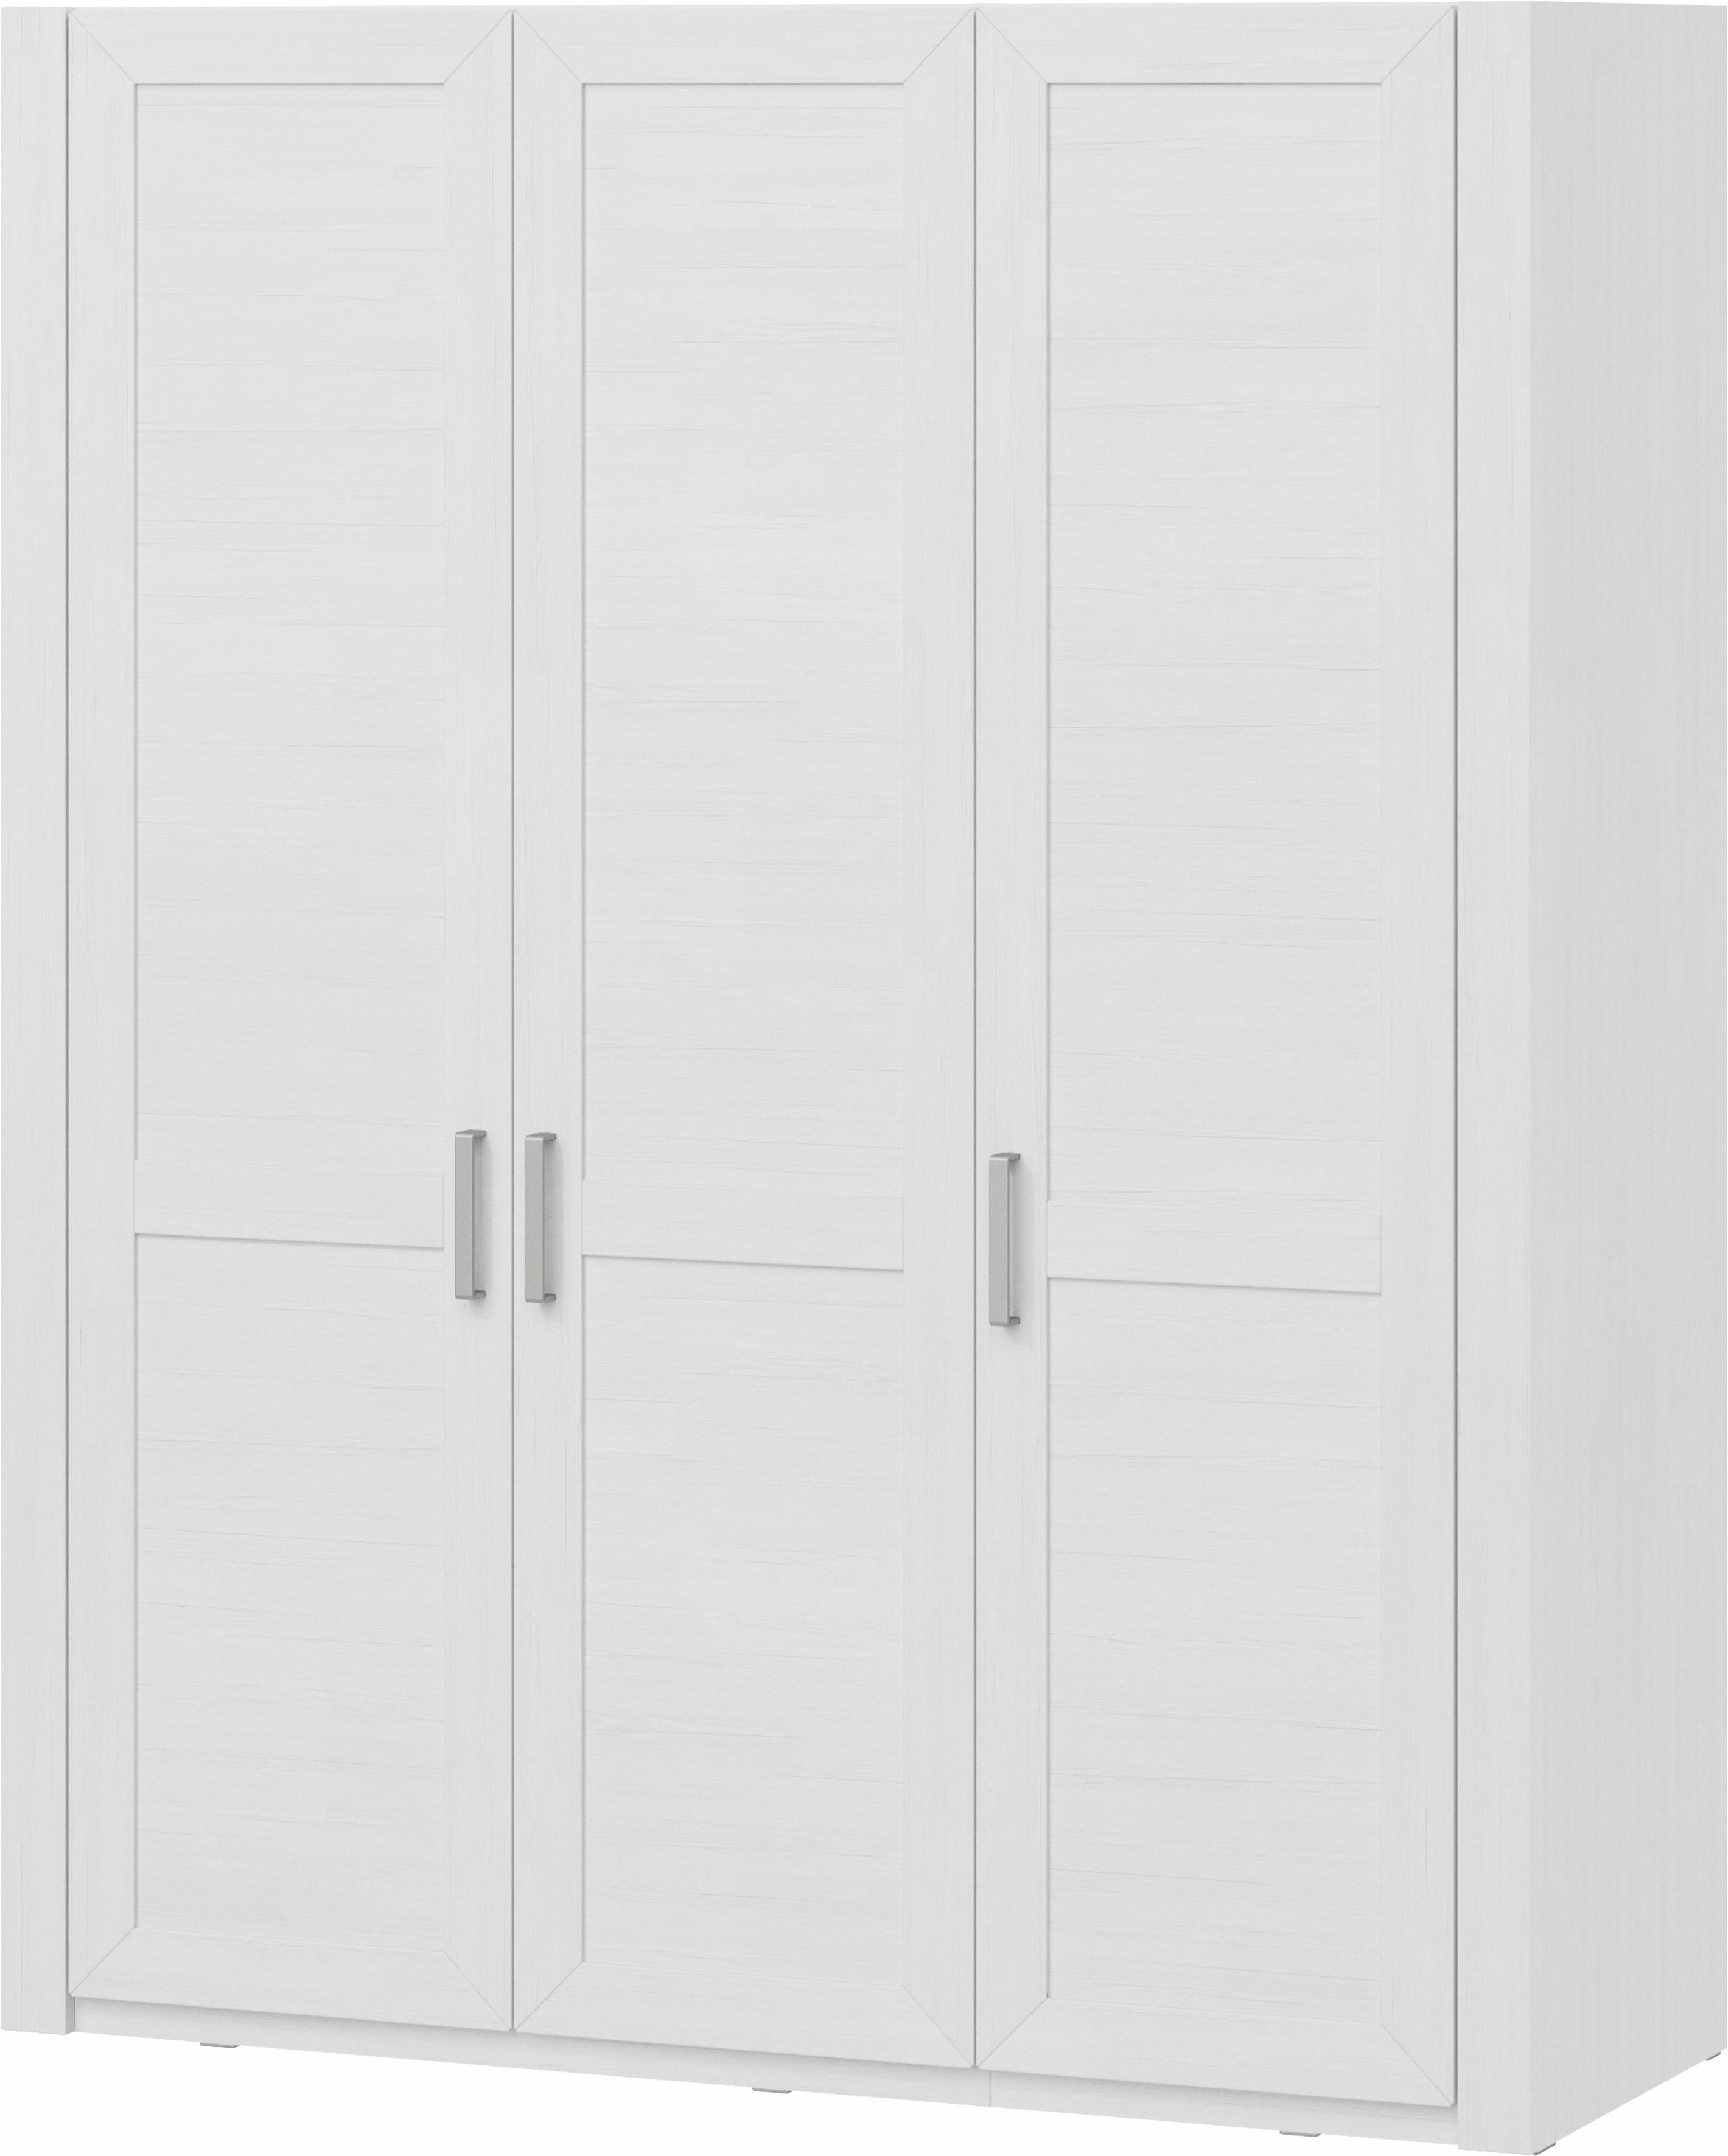 37971374 Set One By Musterring Drehtürenschrank »Oakland« Typ 74, Pino Aurelio, 3-türig Im Landhausstil Online Kaufen Wardrobes set one by Musterring khmer in phnom penh cambodia